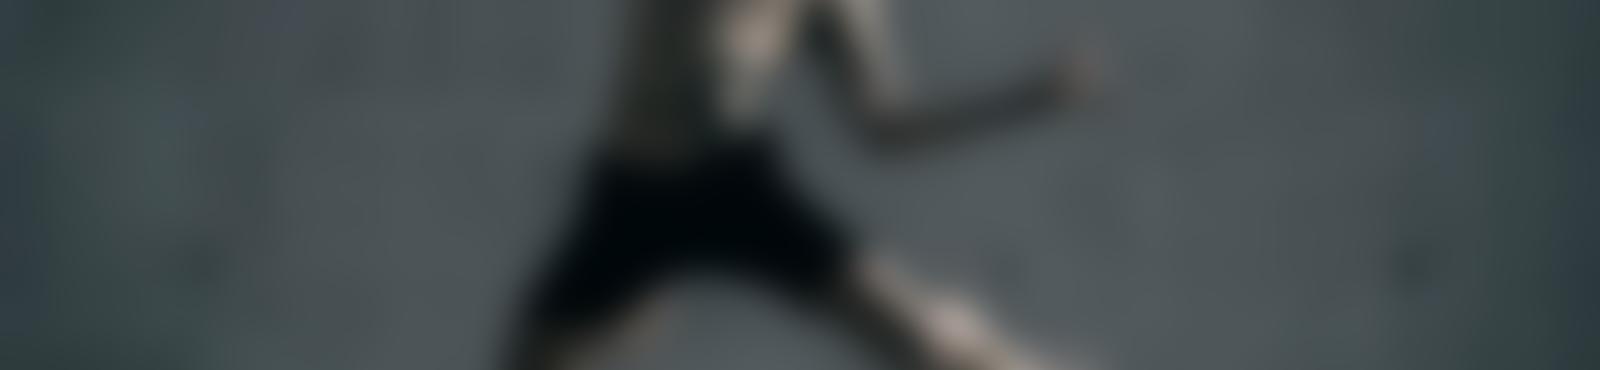 Blurred 3505e175 8f4d 4436 81e4 1913f8a88238